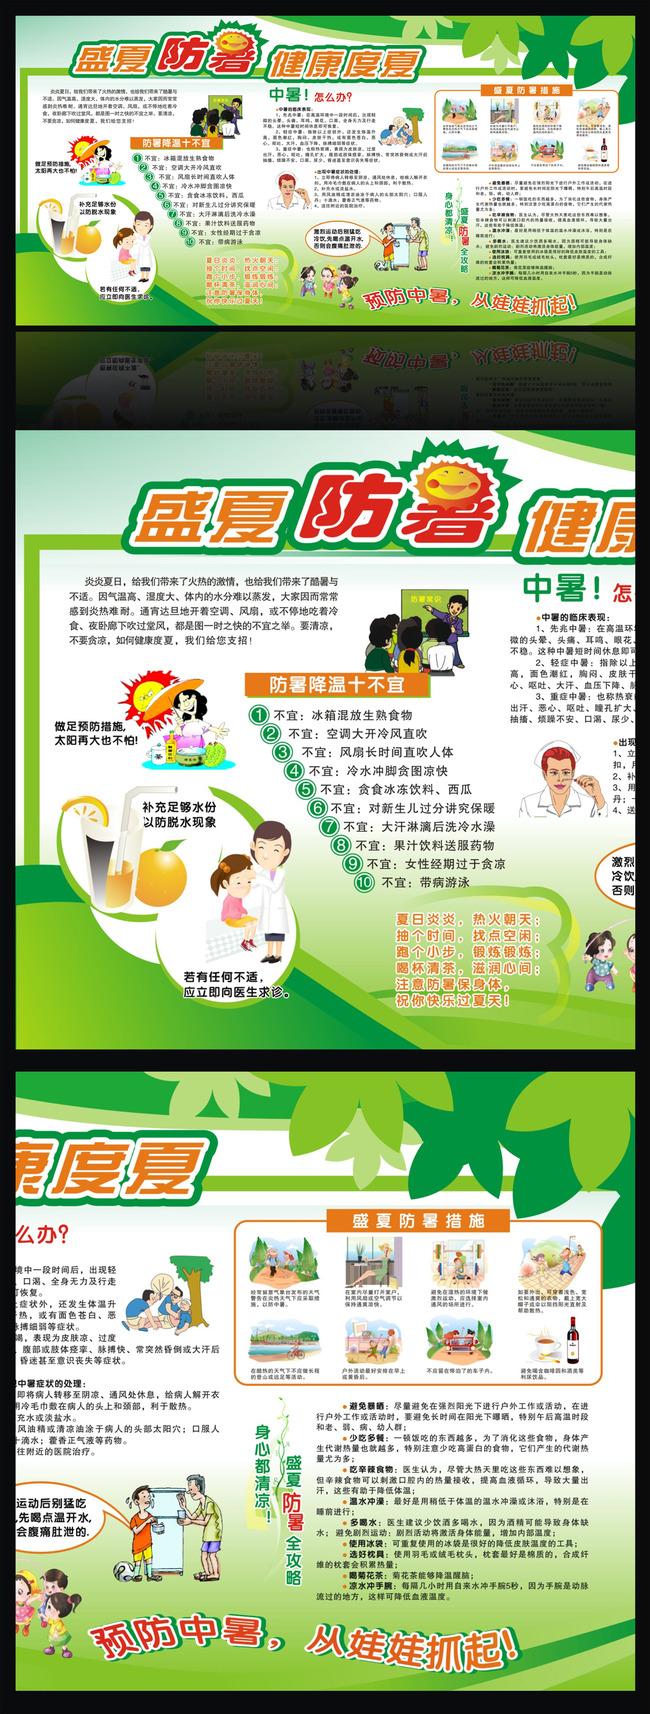 夏季健康教育-防暑降温海报